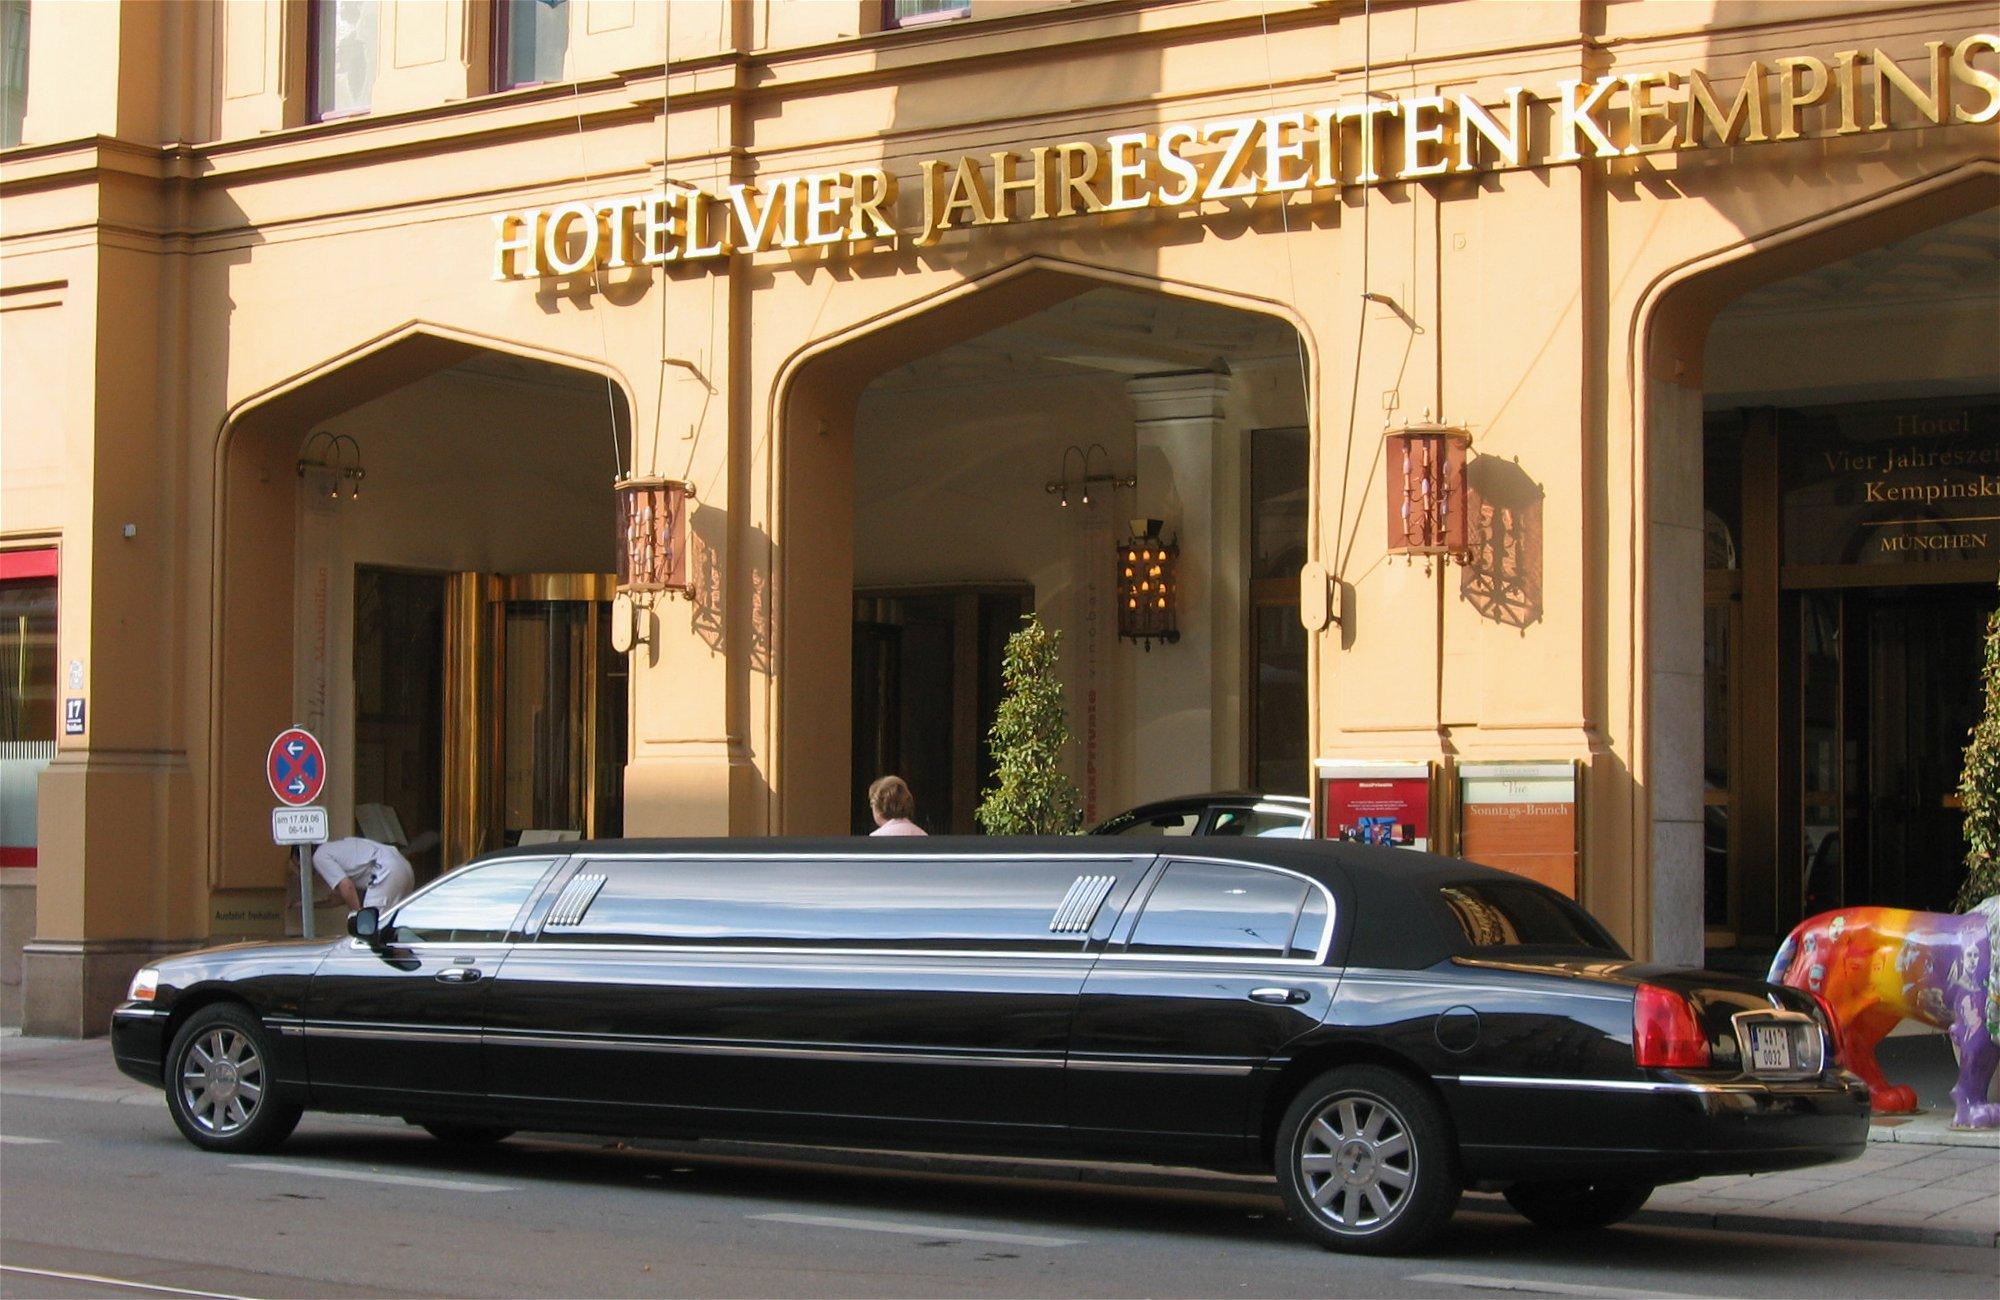 Hotel In Munchen Gunstig Buchen